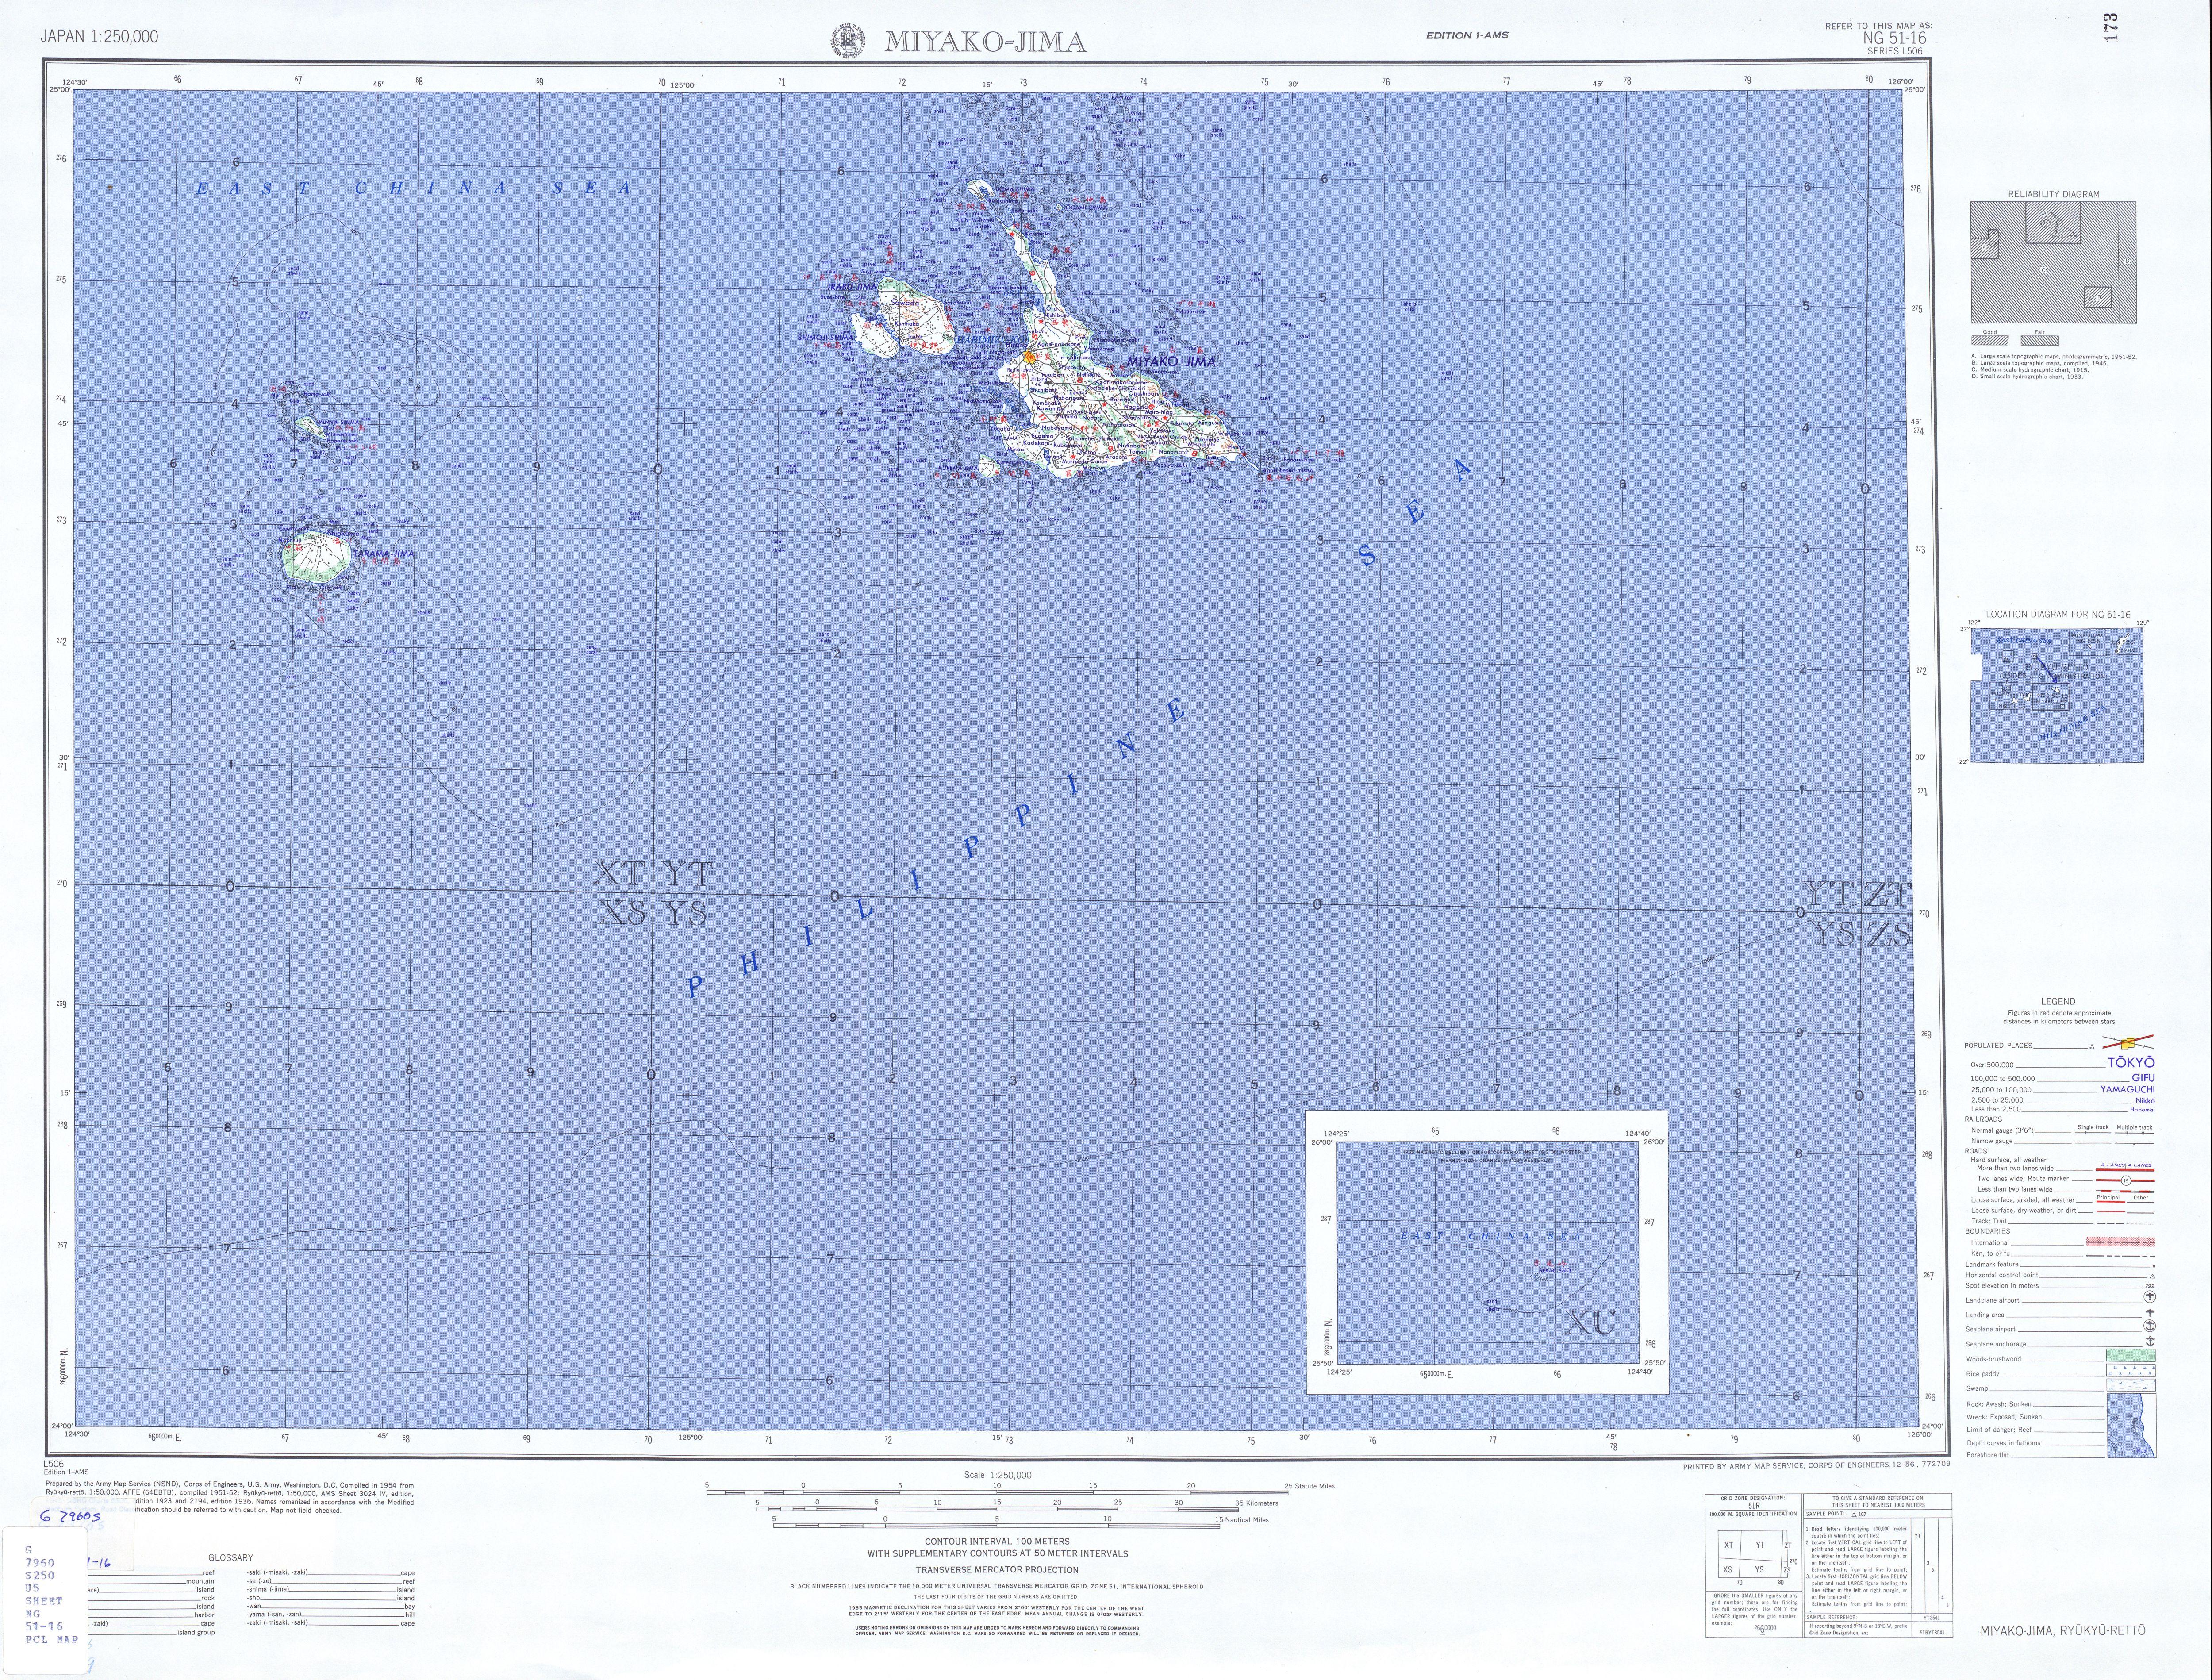 Miyako-Jima Topographic Map Sheet, Japan 1954